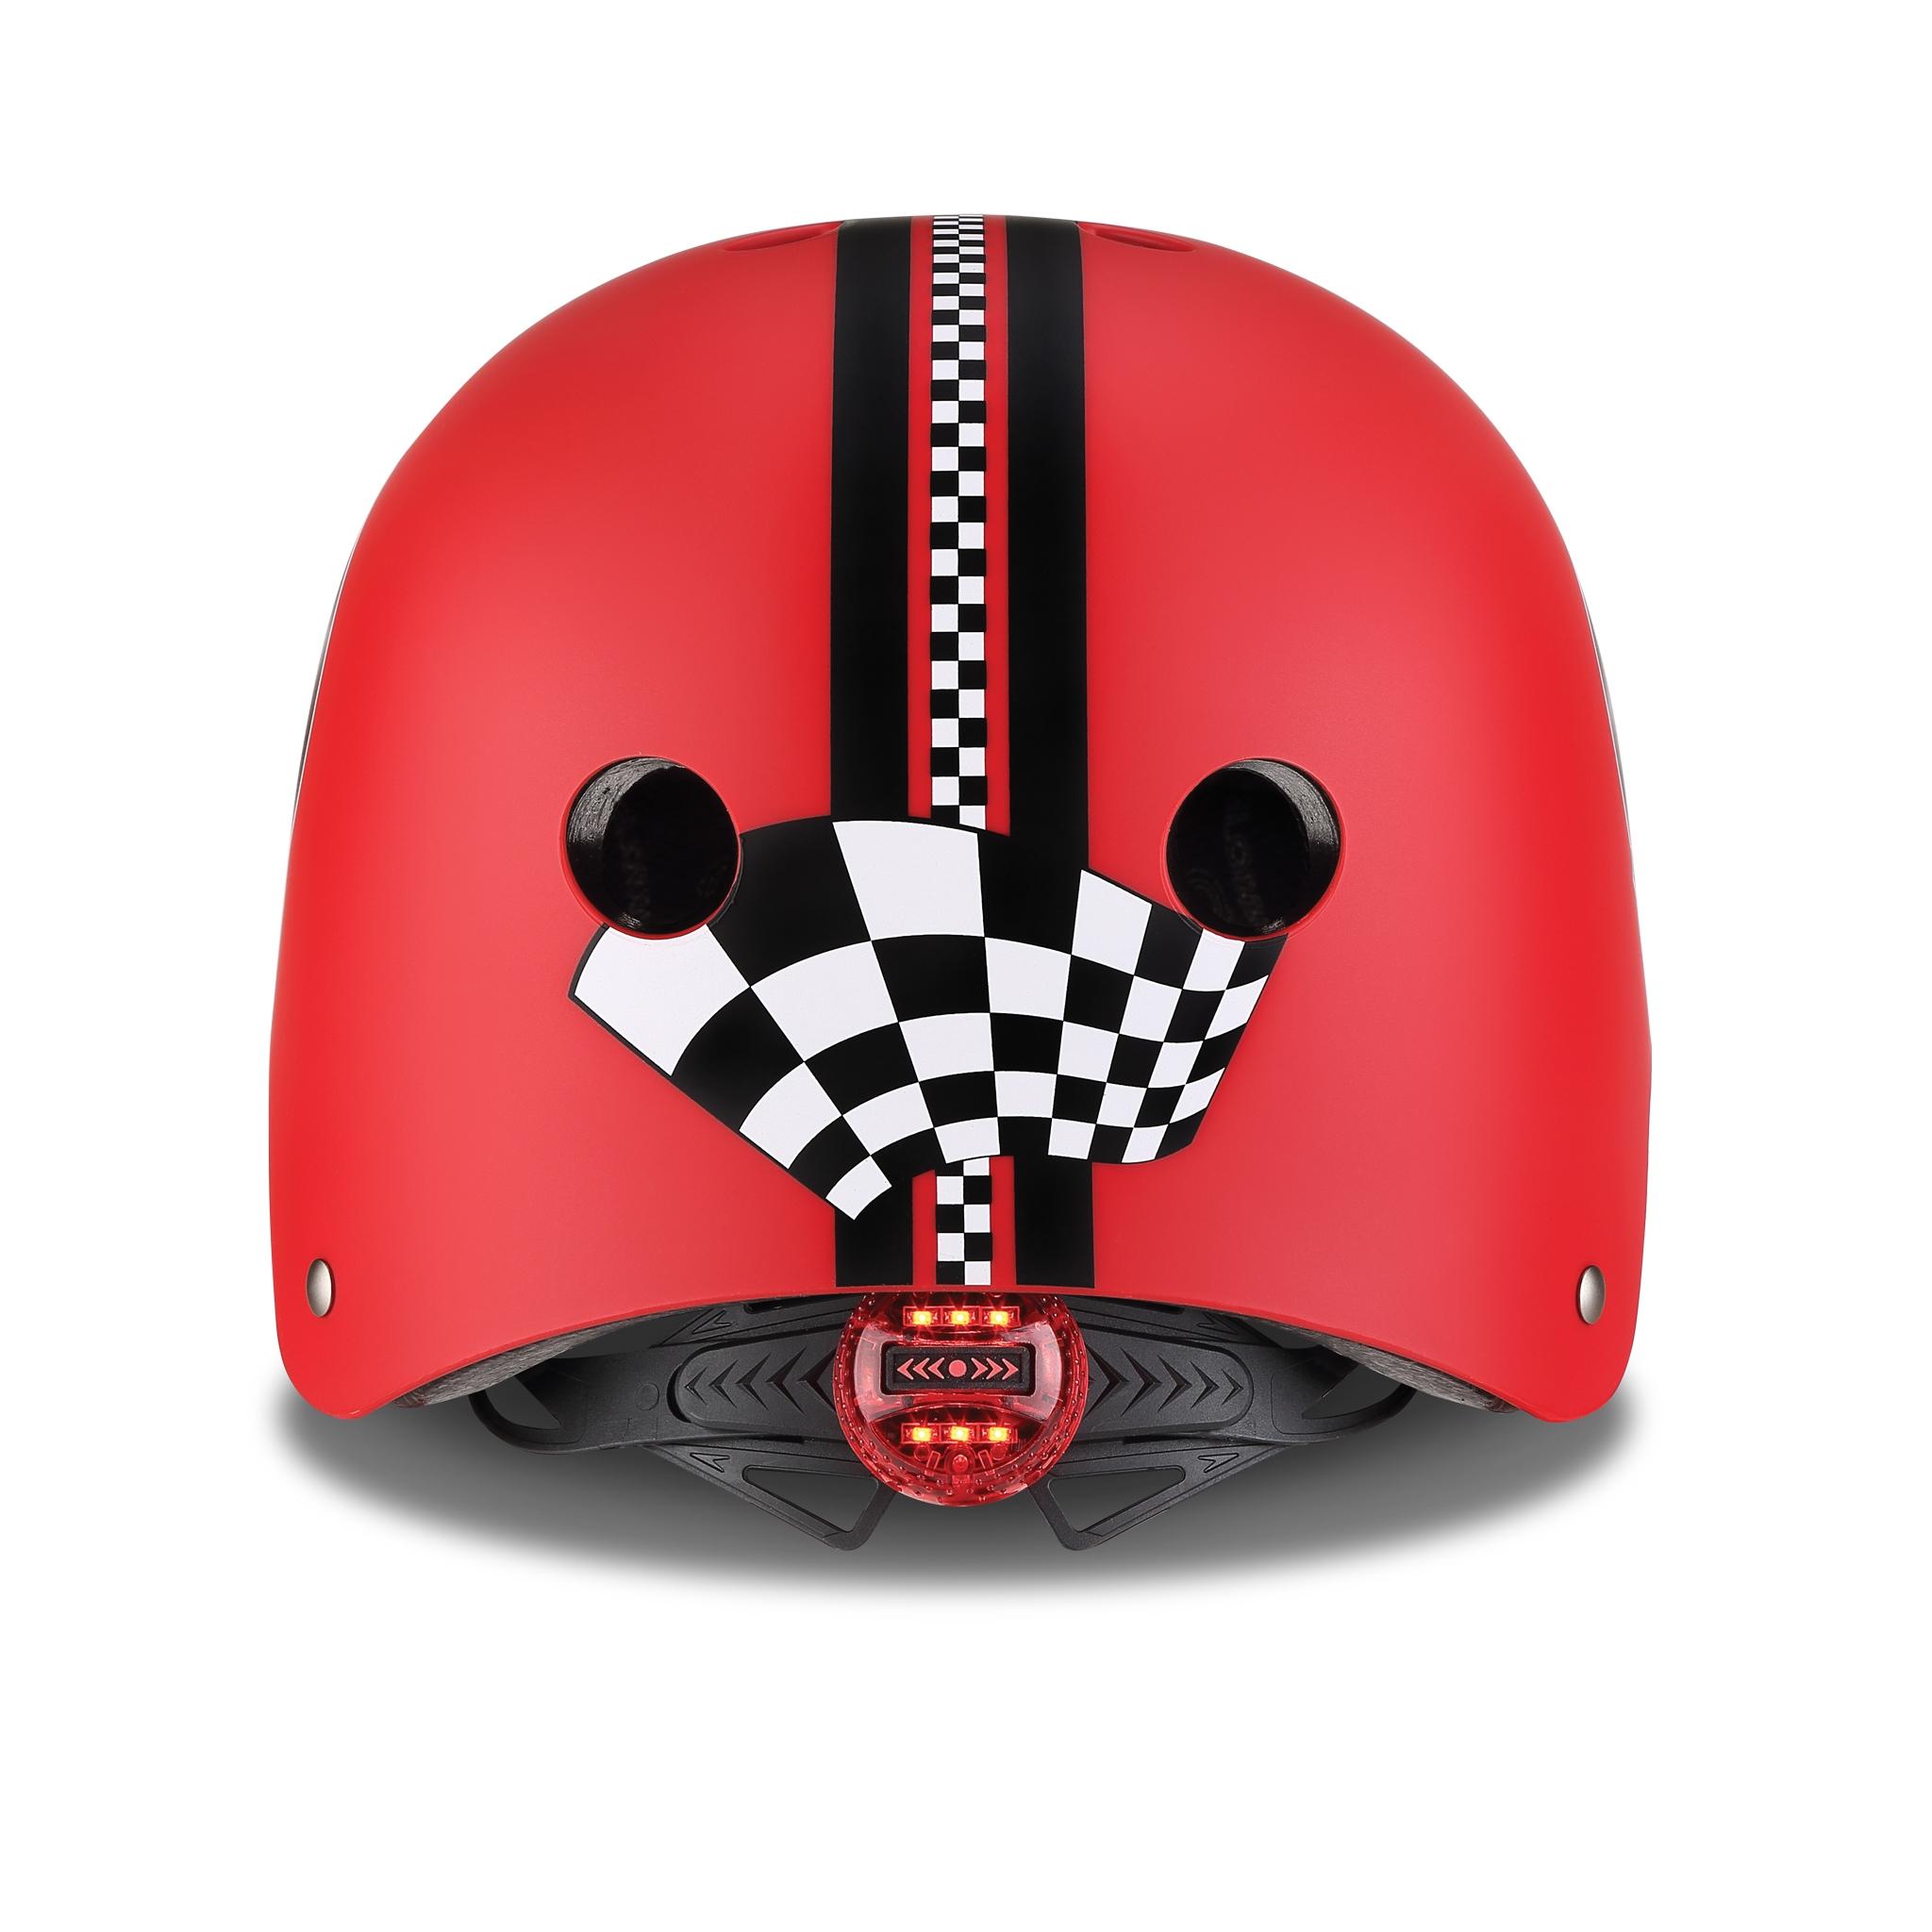 ELITE-helmets-scooter-helmets-for-kids-with-LED-lights-safe-helmet-for-kids-new-red 4